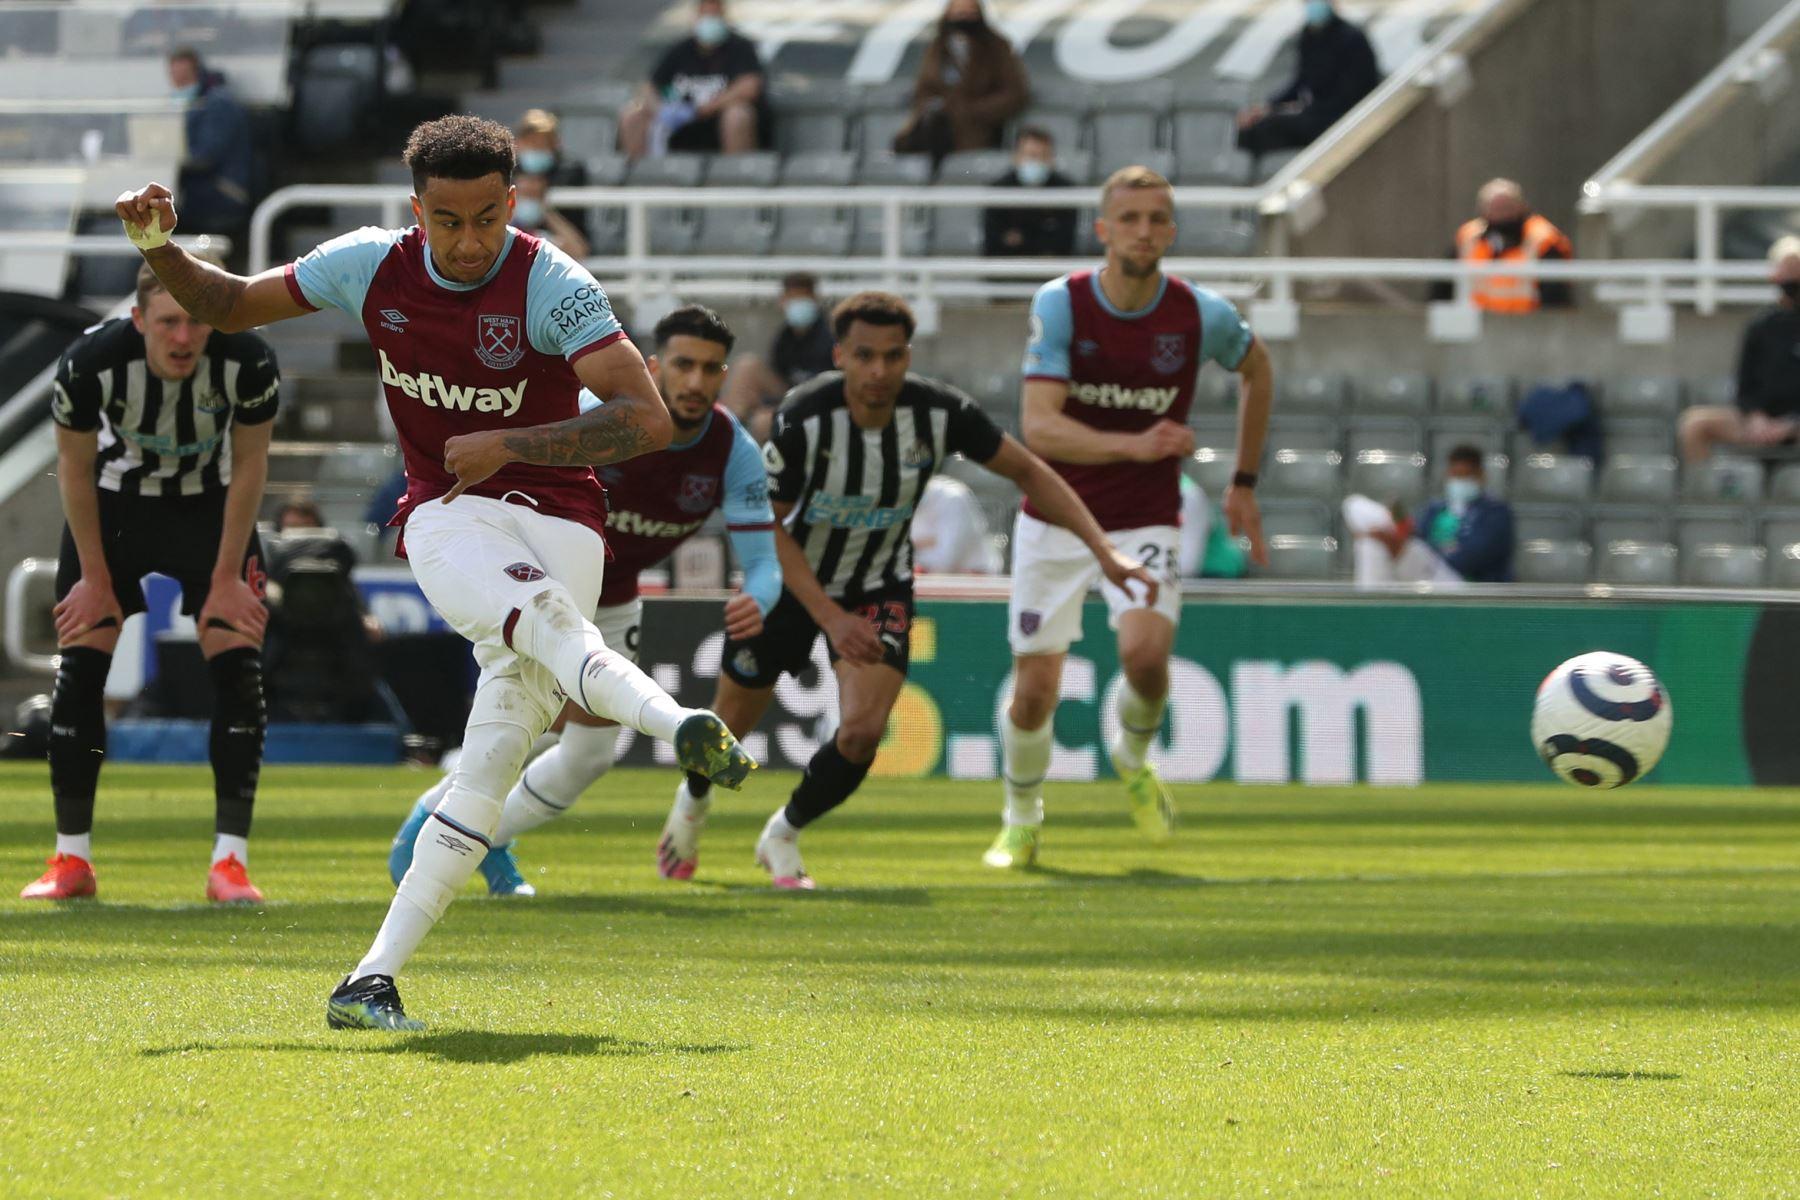 El centrocampista inglés del West Ham United, Jesse Lingard, anota un penalti durante el partido de fútbol de la Premier League inglesa entre el Newcastle United y el West Ham United. Foto : AFP